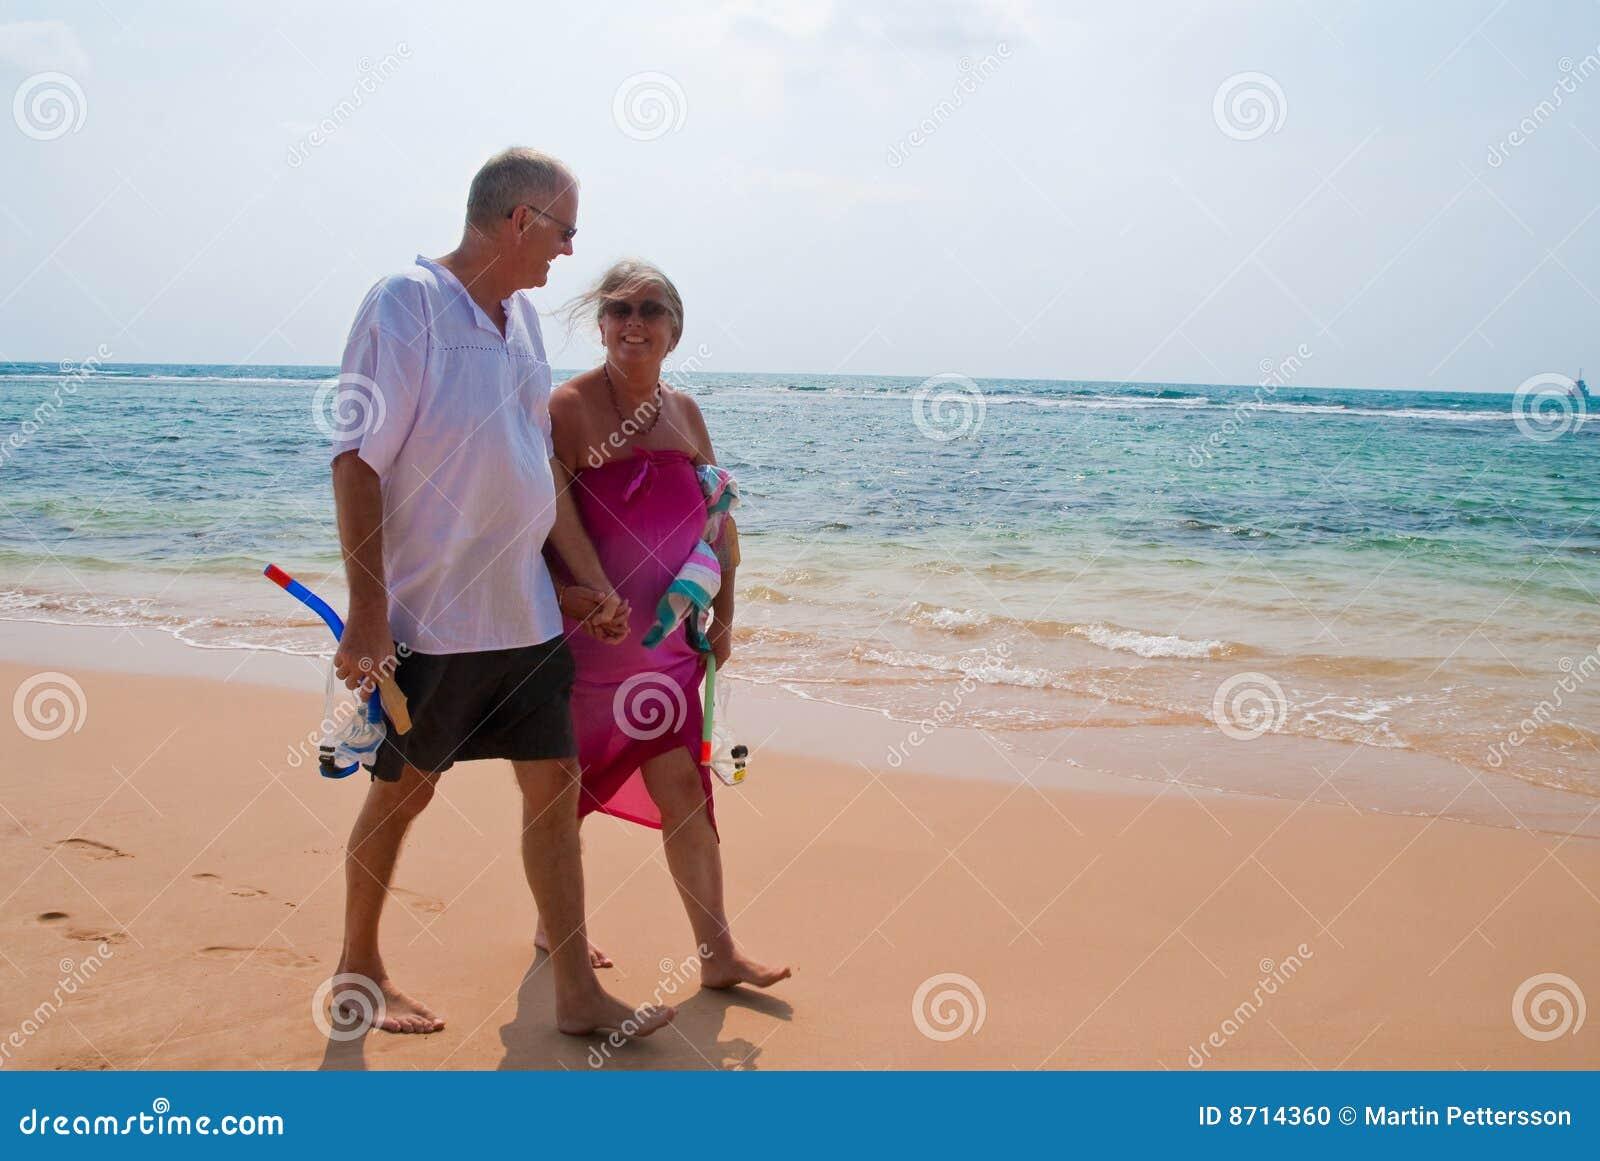 Rijp paar dat op strand loopt